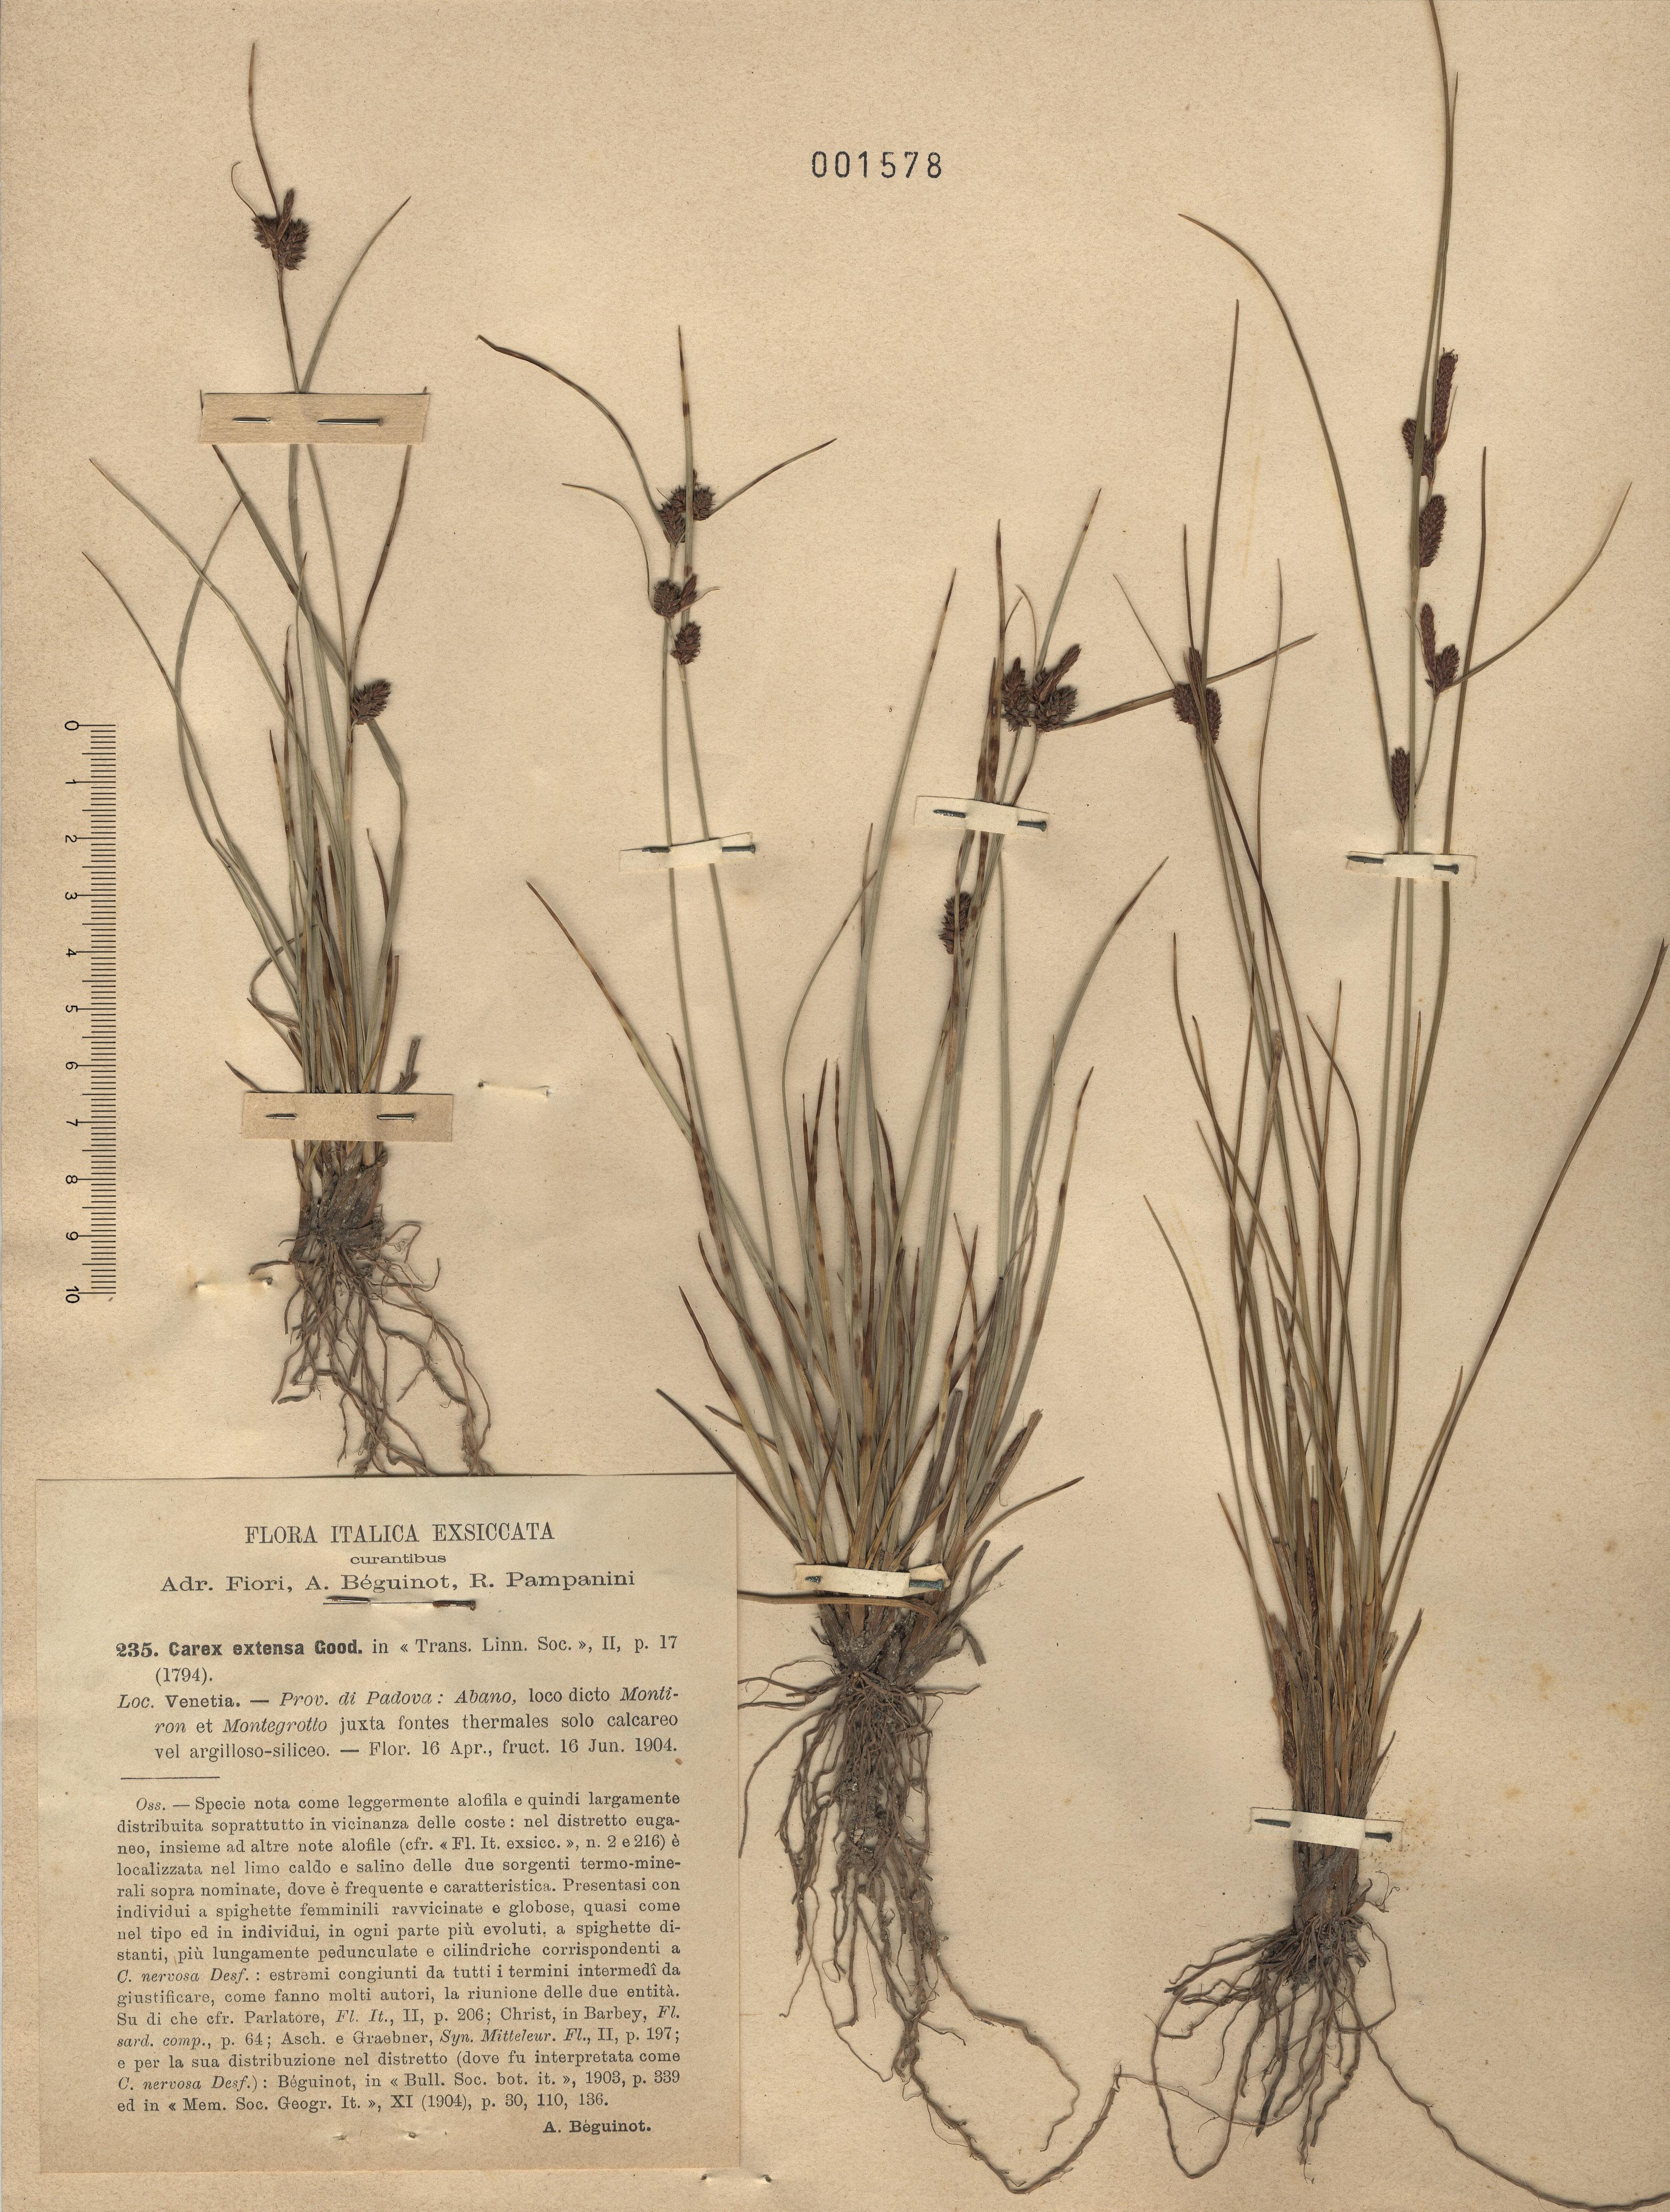 © Hortus Botanicus Catinensis - Herb. sheet 001578<br>